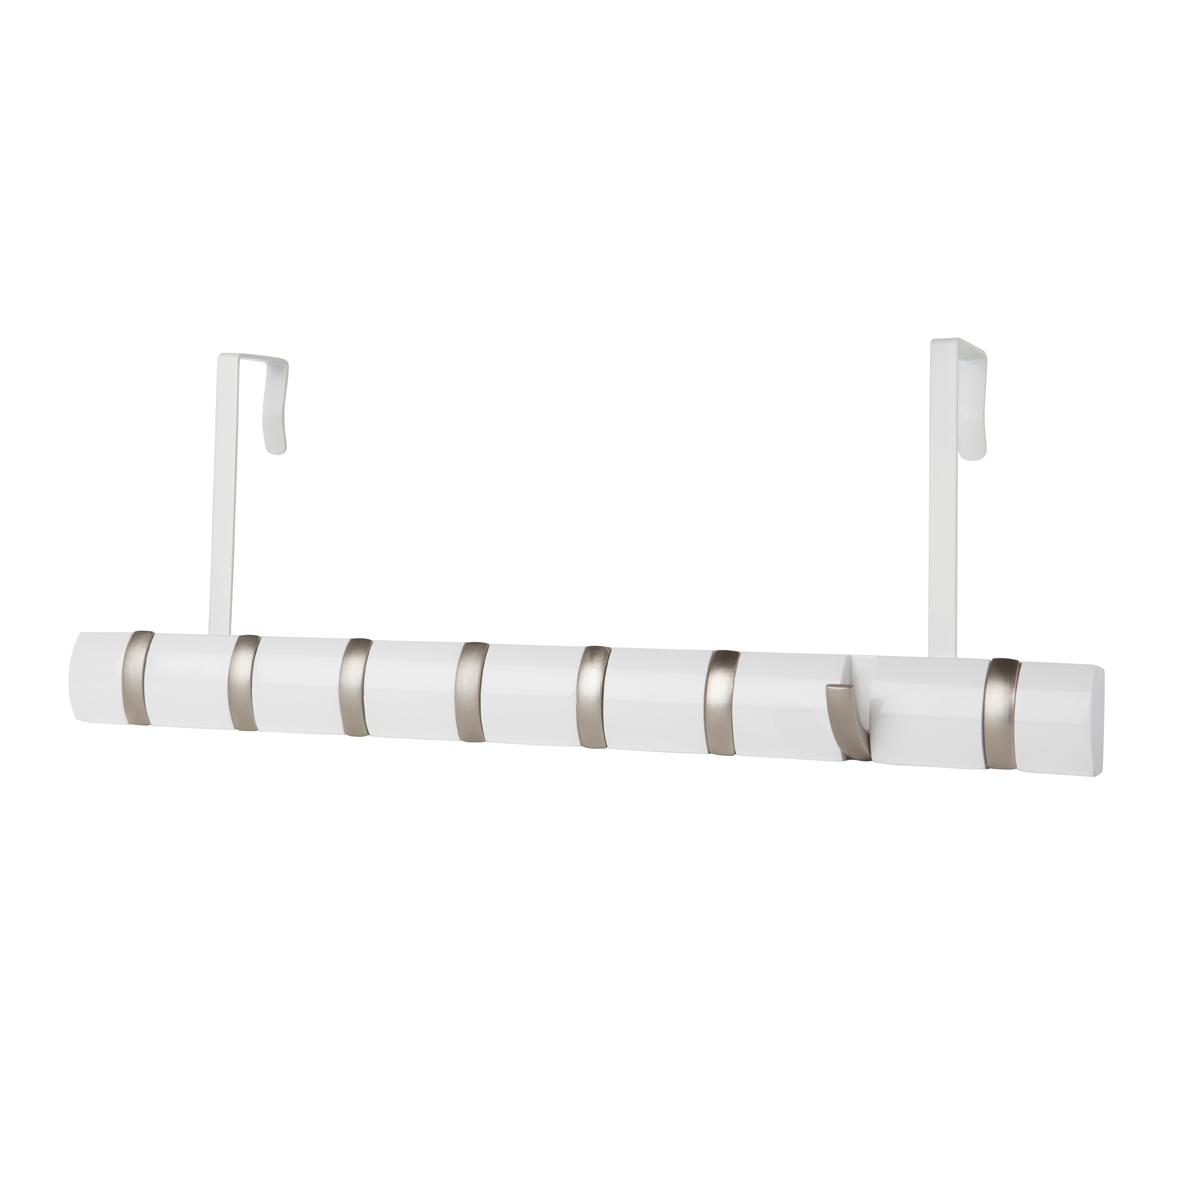 Вешалка Umbra Flip Мини, цвет: белый, 8 крючковRG-D31SСтильная и прочная вешалка Umbra Flip интересной формы и оригинального дизайна изготовлена из дерева. Имеет 8 откидных крючков из никеля: когда они не используются, то складываются, превращая конструкцию в абсолютно гладкую поверхность. Вешалка Umbra Flip идеально подходит для маленьких прихожих и ограниченных пространств. Каждый крючок выдерживает вес до 2,2 кг.